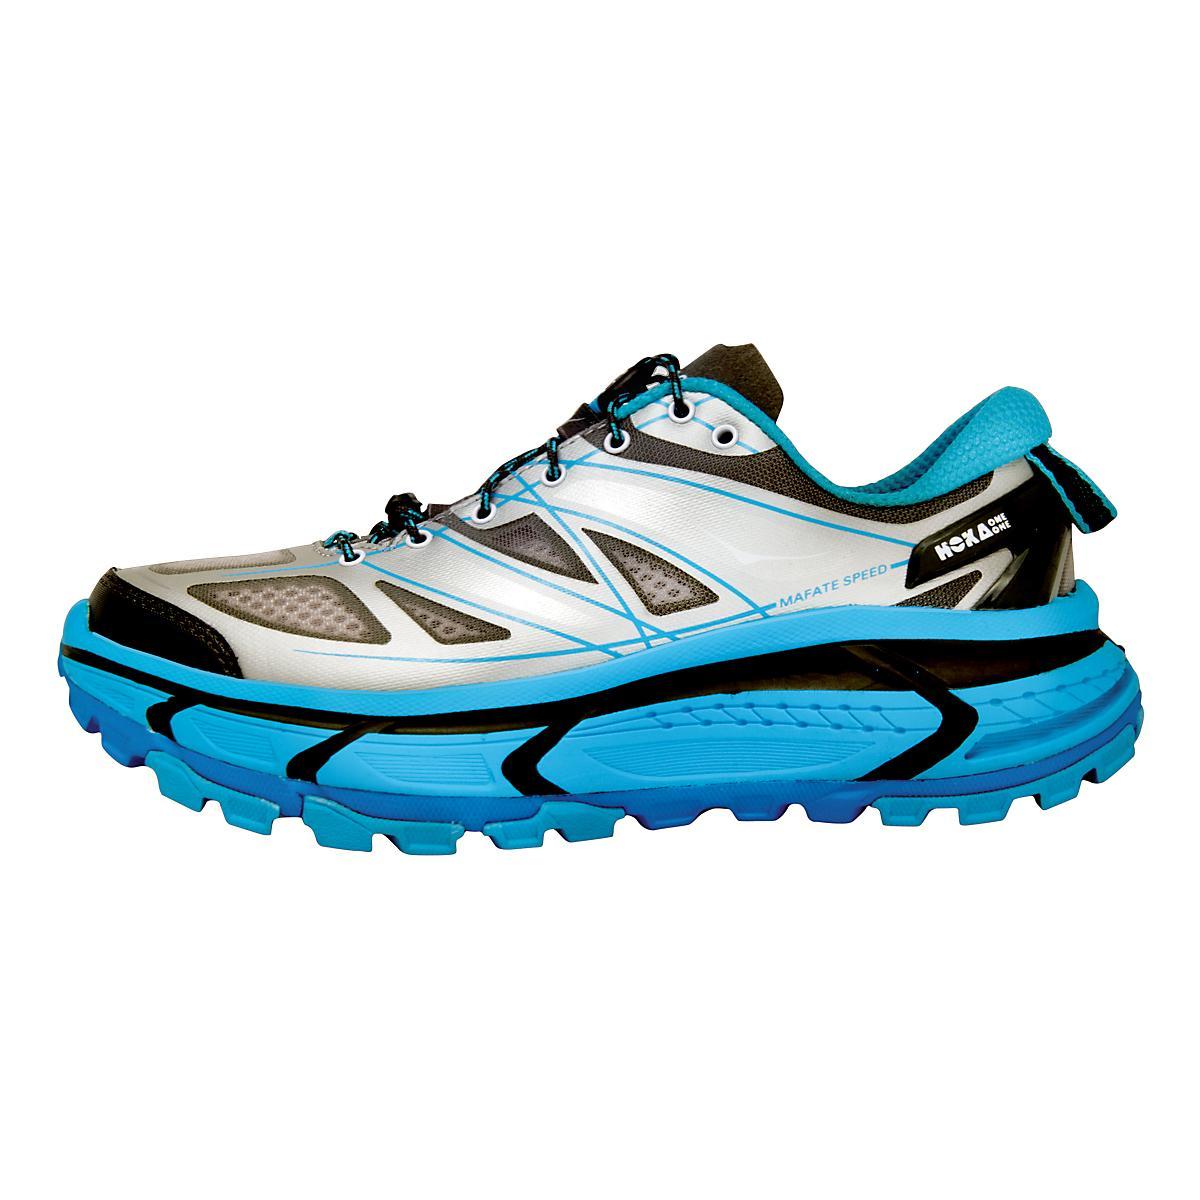 a279630aada0e5 Womens Hoka One One Mafate Speed Trail Running Shoe at Road Runner Sports